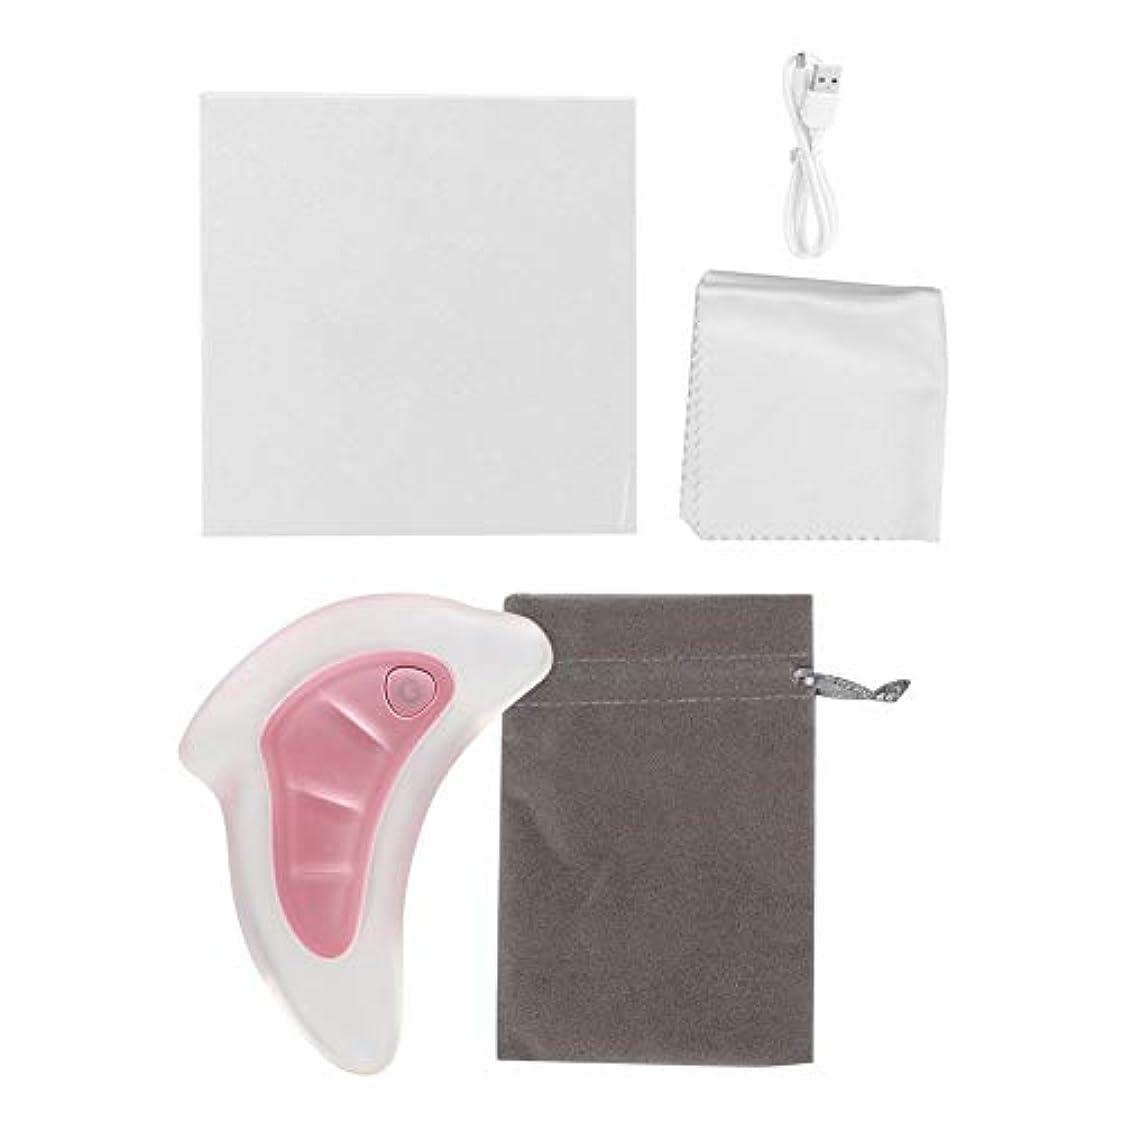 昆虫クランプ正直2色スクレーピングマッサージャー - フェイスリフティングスクレーパー、グアシャツール - アンチエイジング、アンチリンクルマッサージ&フェイシャルグアシャ、カラフルなライトを廃棄するための楽器(ピンク)